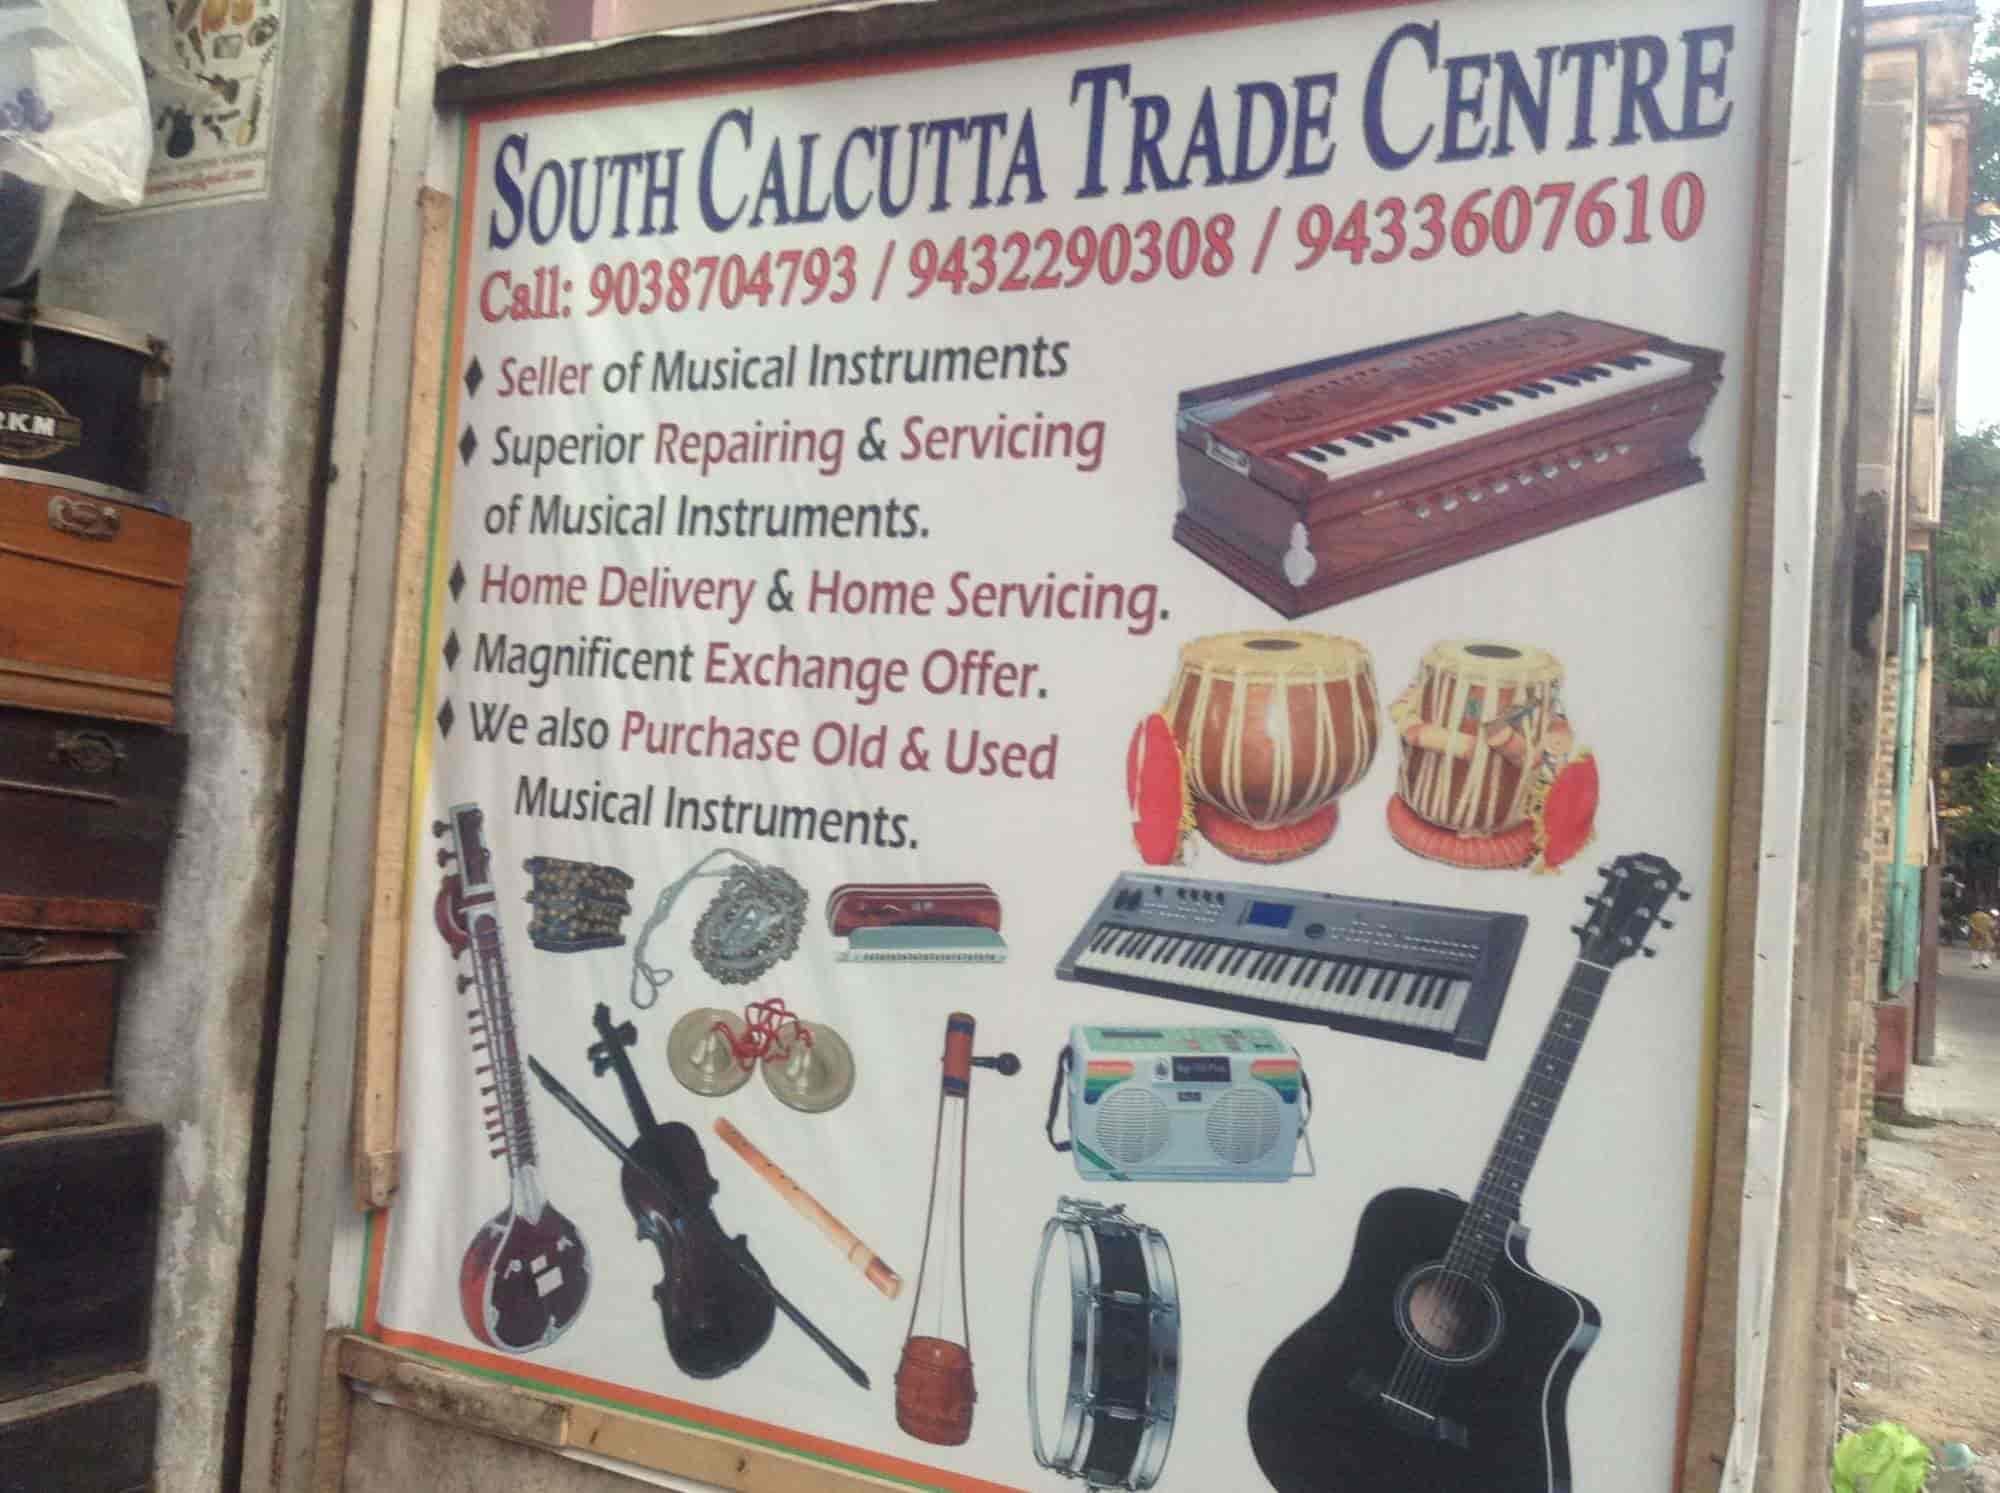 South Calcutta Trade Centre Photos, Bhawanipur, Kolkata